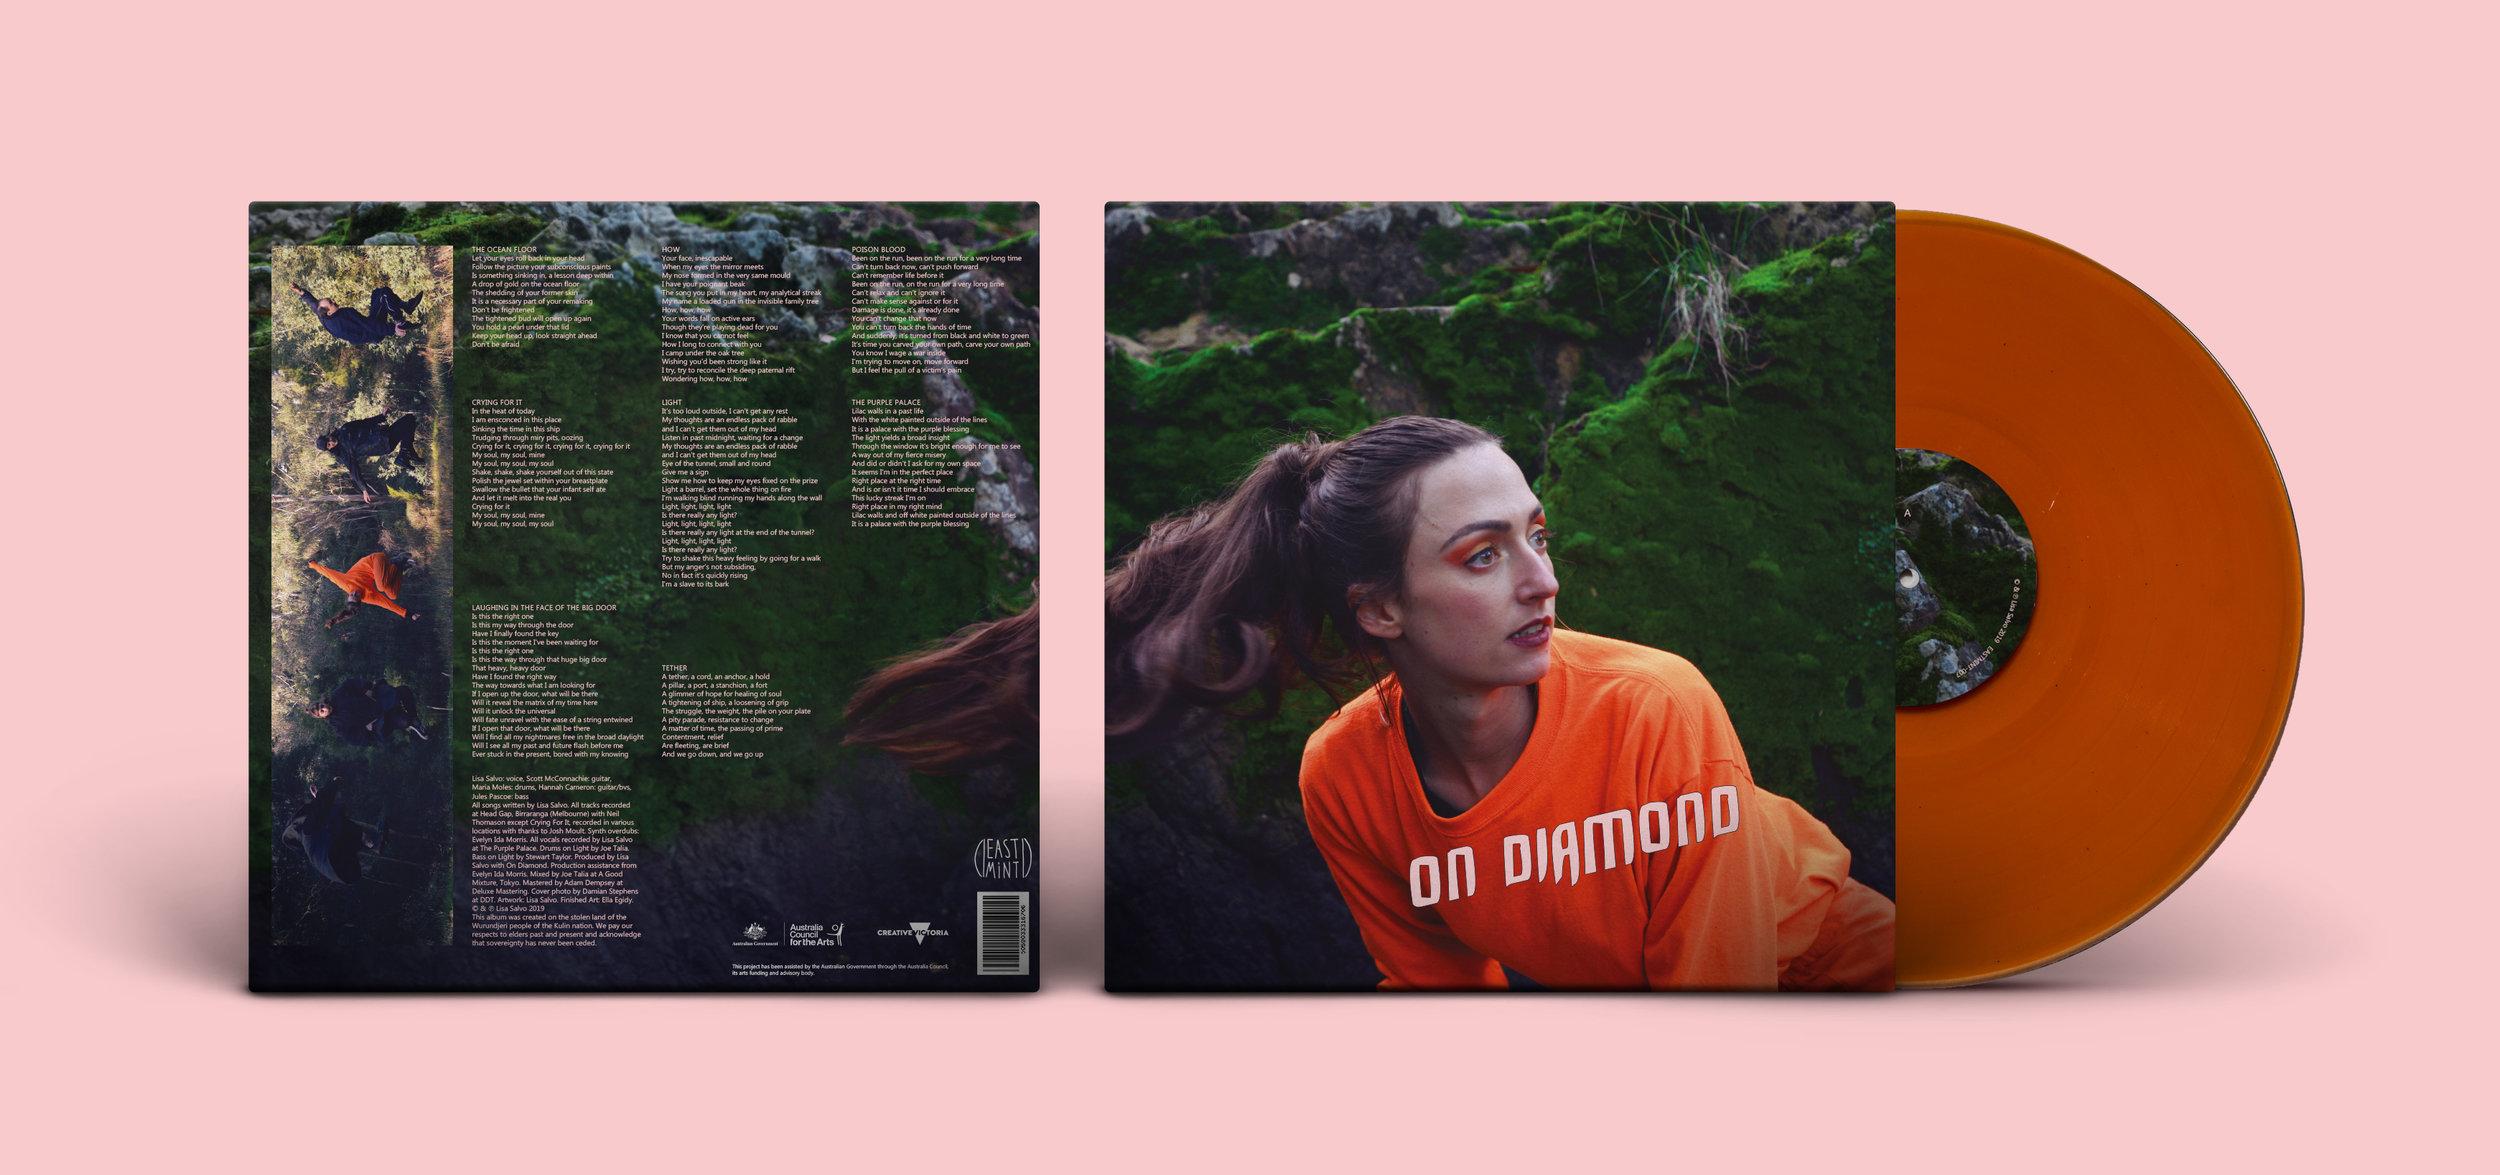 OnDiamond_Vinyl_Mockup01_Orange.jpg